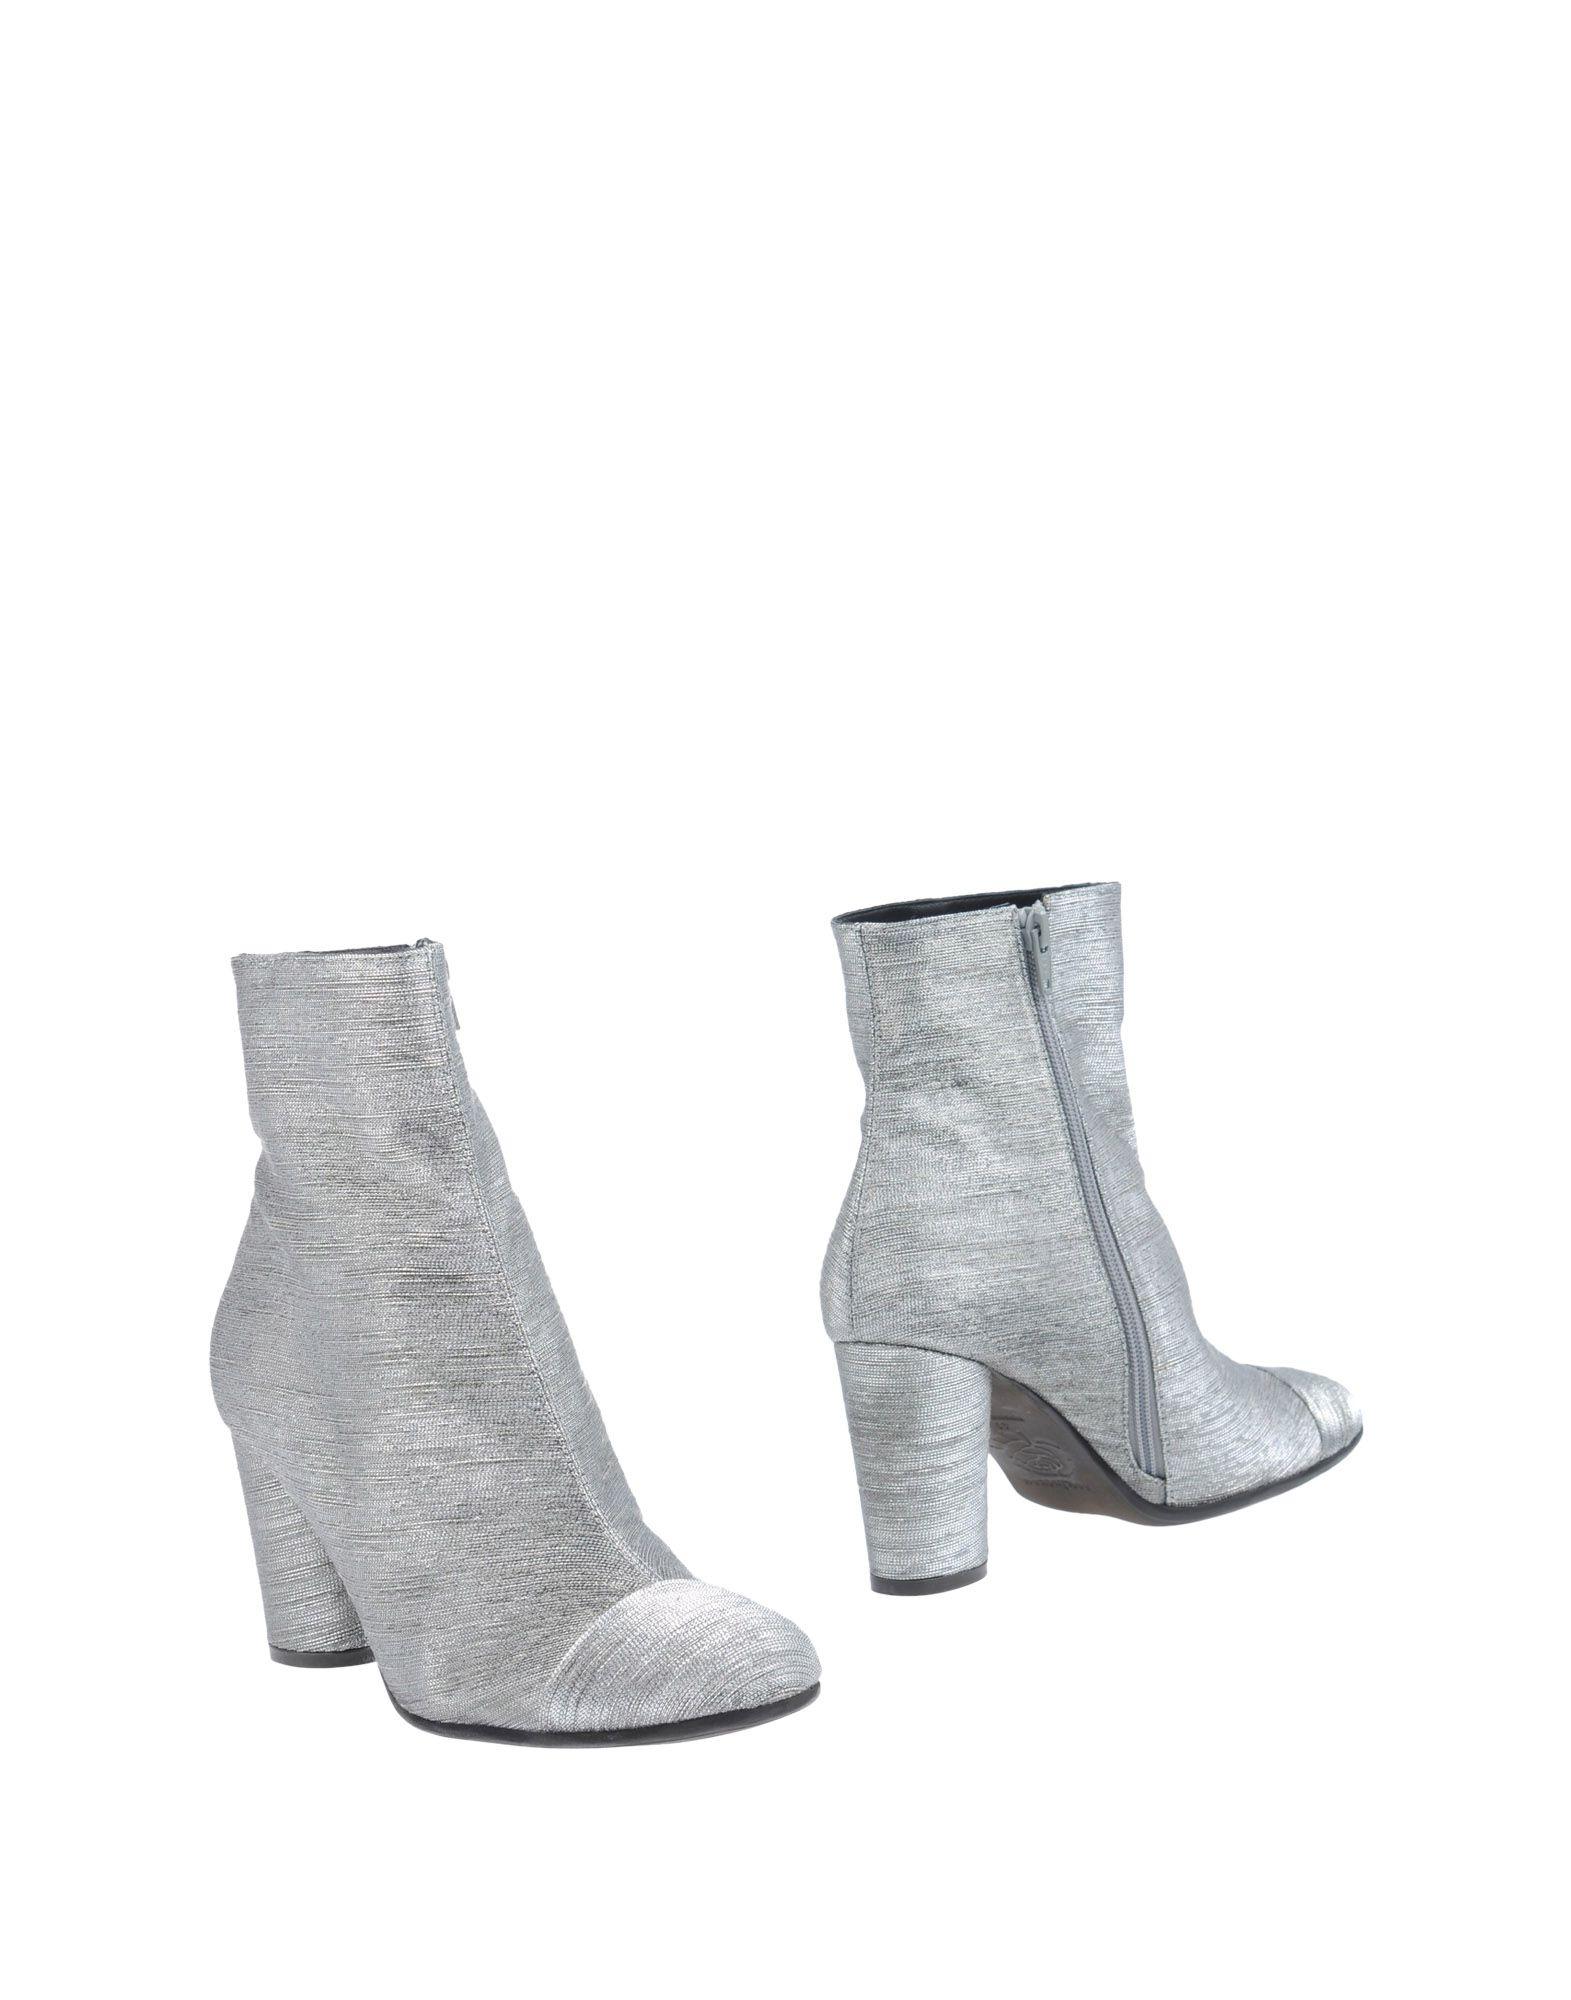 Moda Stivaletti Malìparmi Donna - 11243865CI